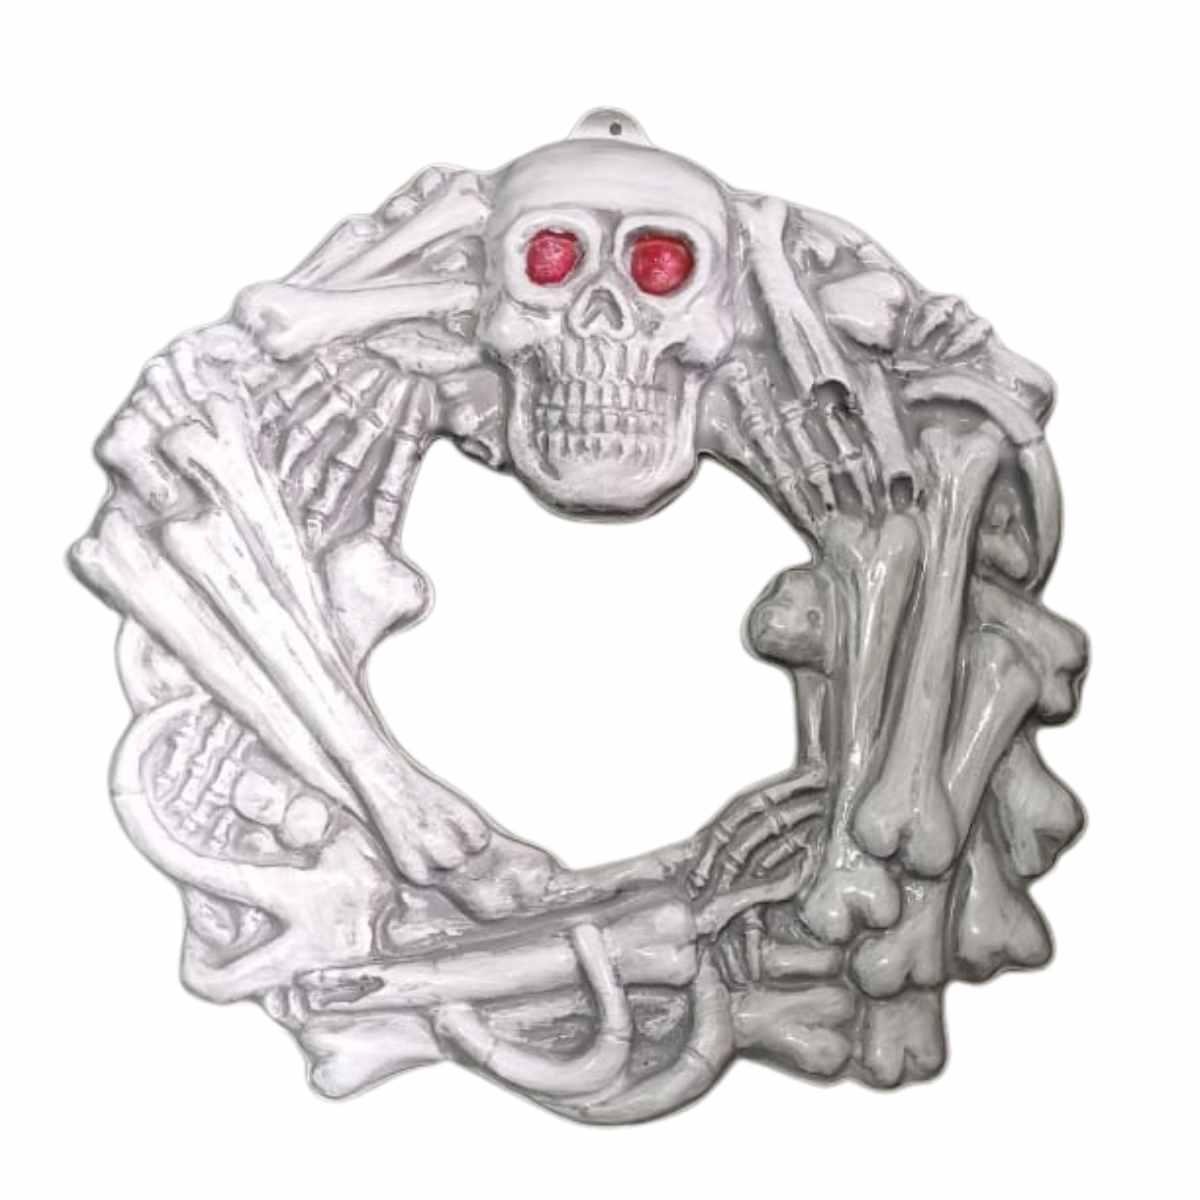 Guirlanda de Halloween Caveira Plástico 35x35cm